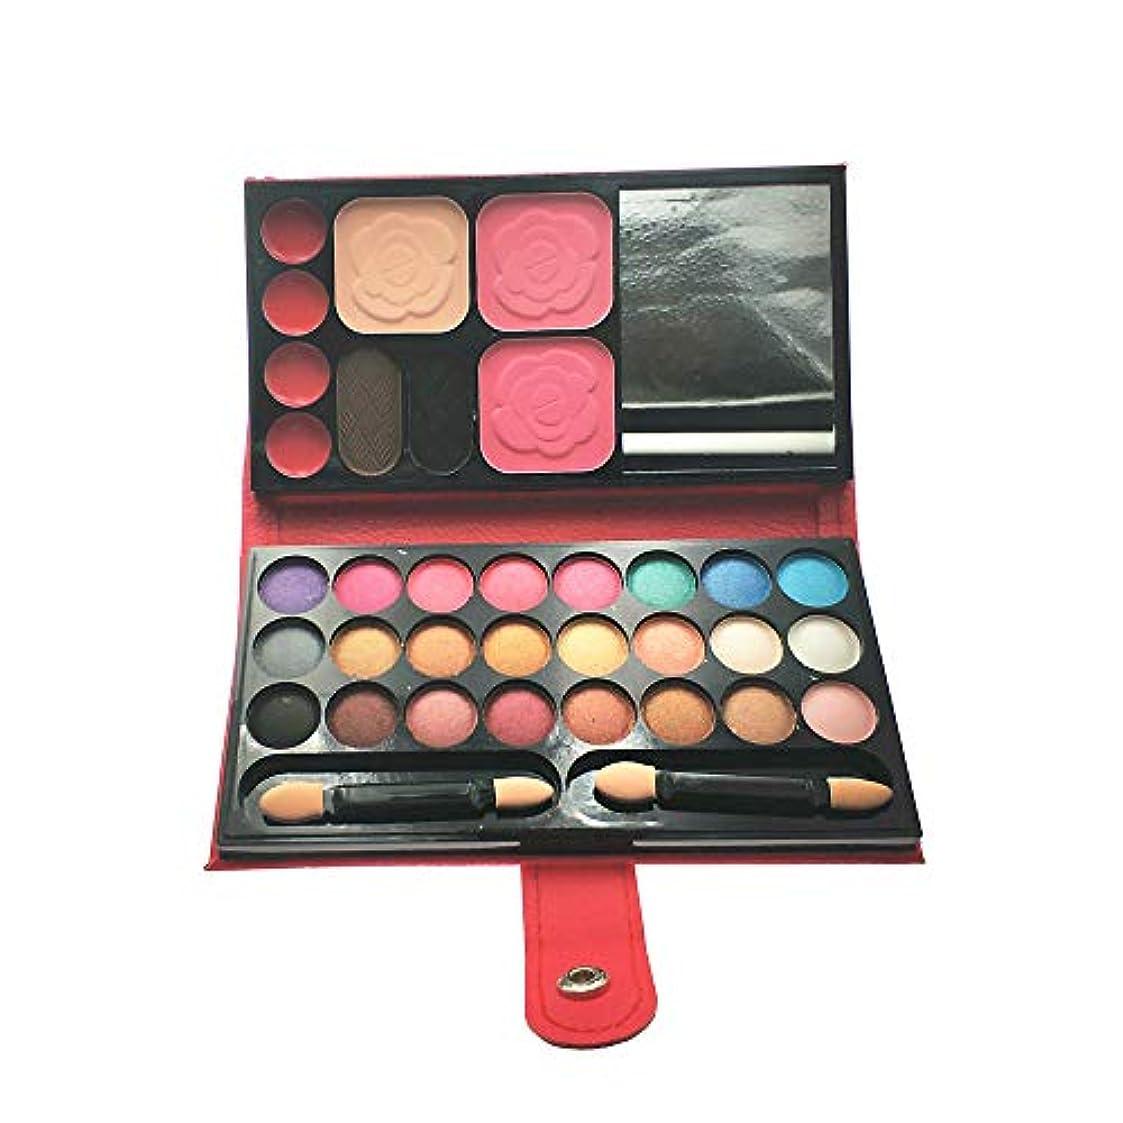 飢え紛争砂の携帯用多機能化粧品ケース,アイシャドウ、赤面、口紅、眉毛パウダー